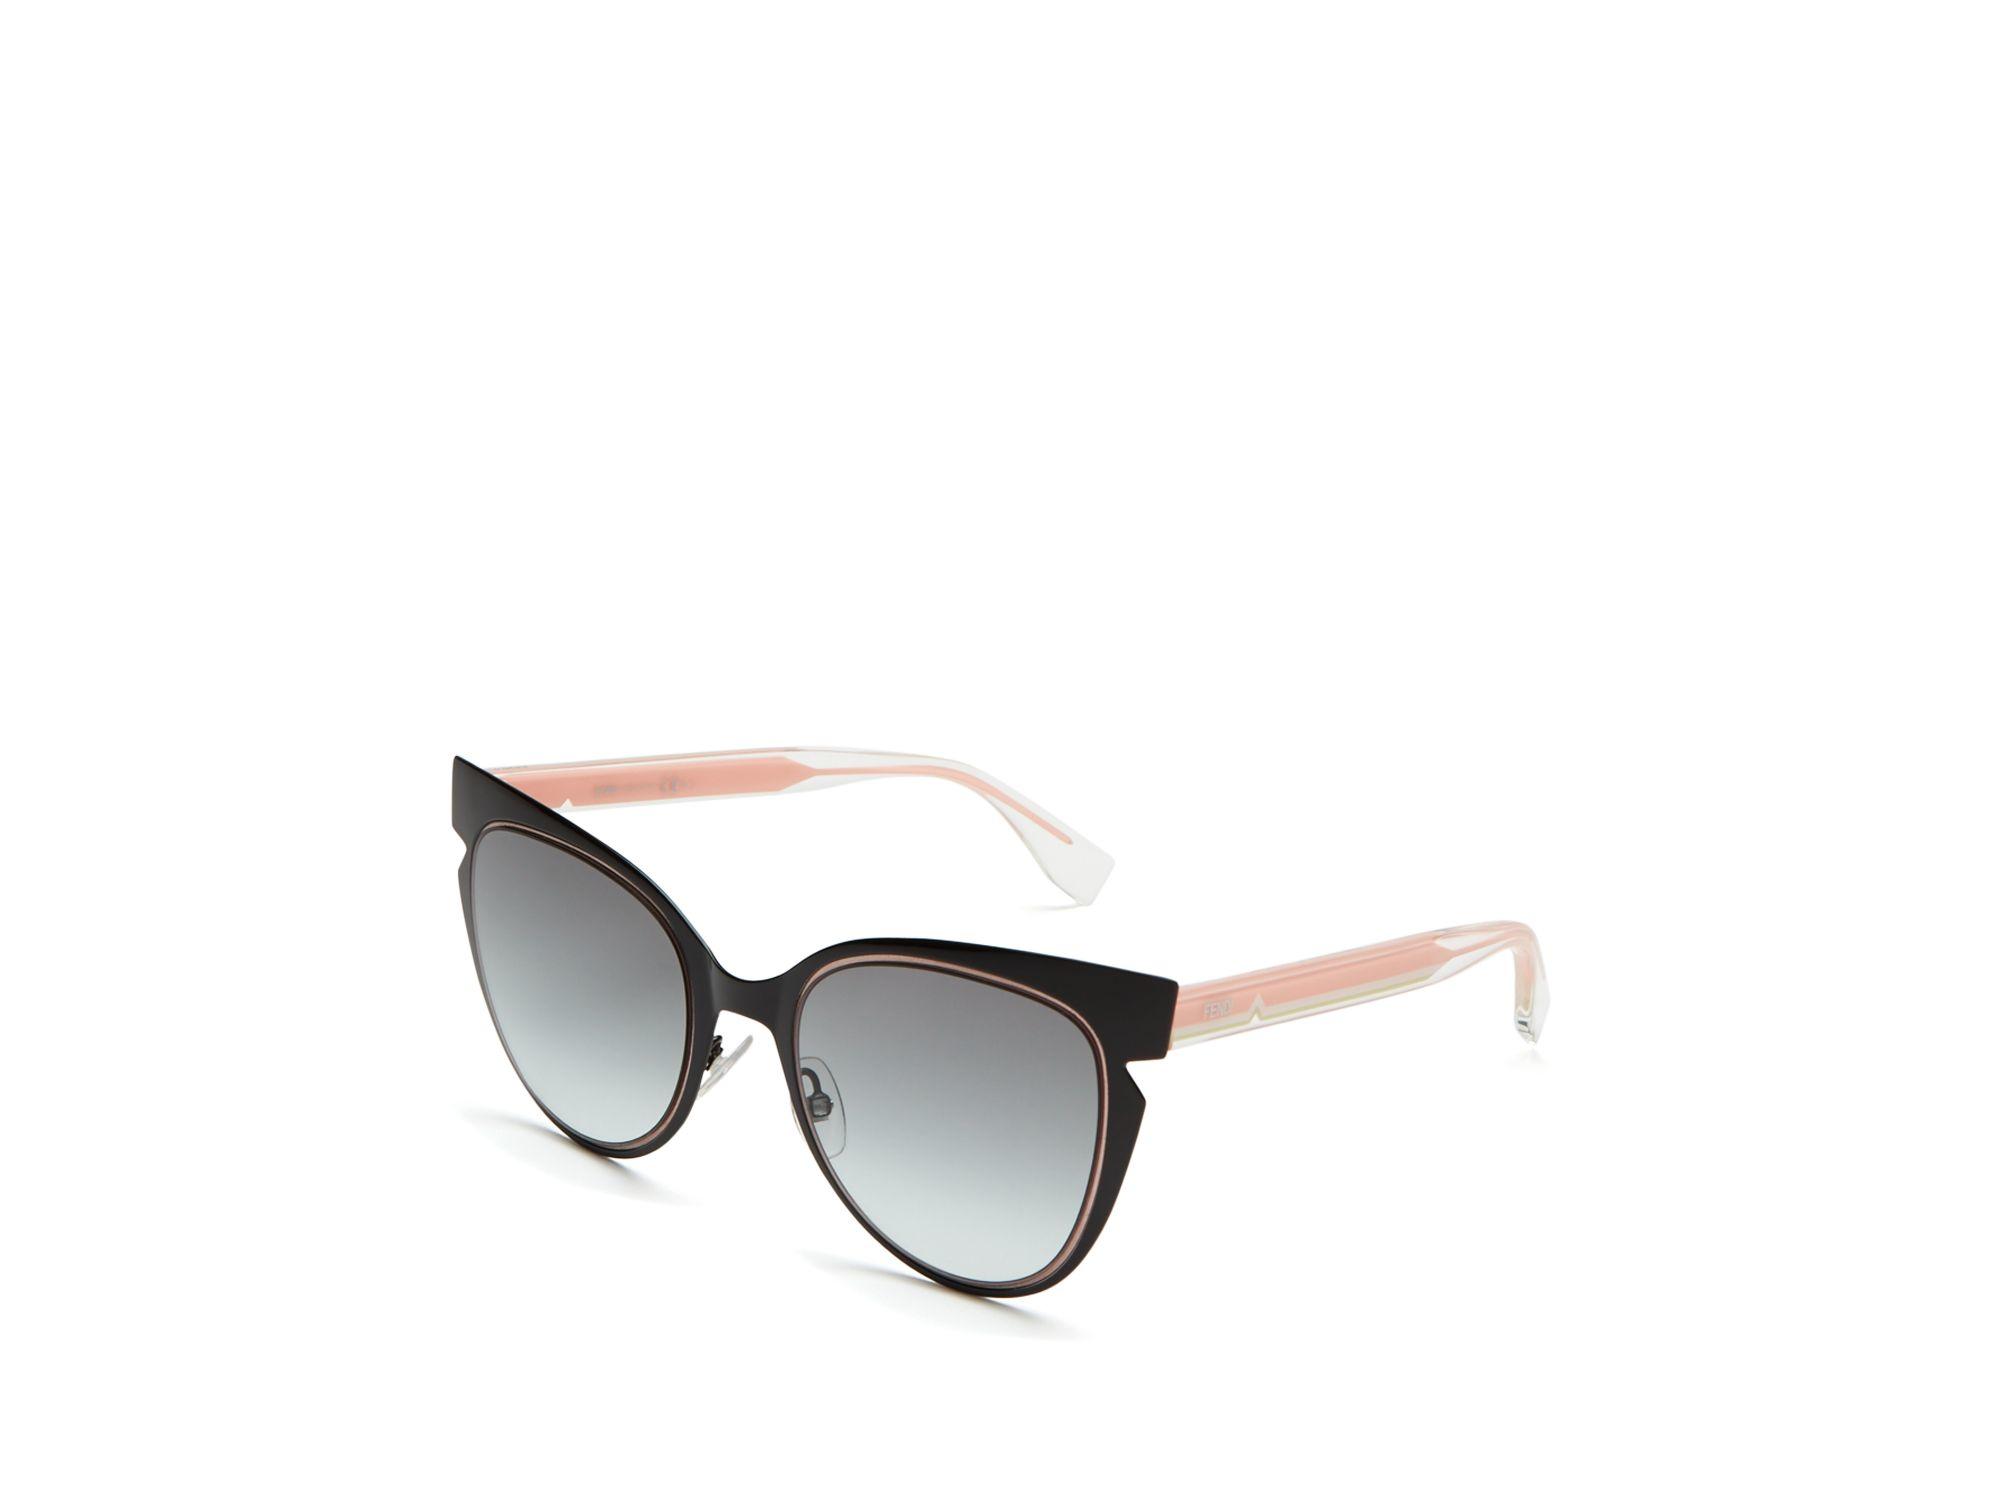 e9f729def4d3 Fendi Cut Out Cat Eye Sunglasses, 51mm in Black - Lyst